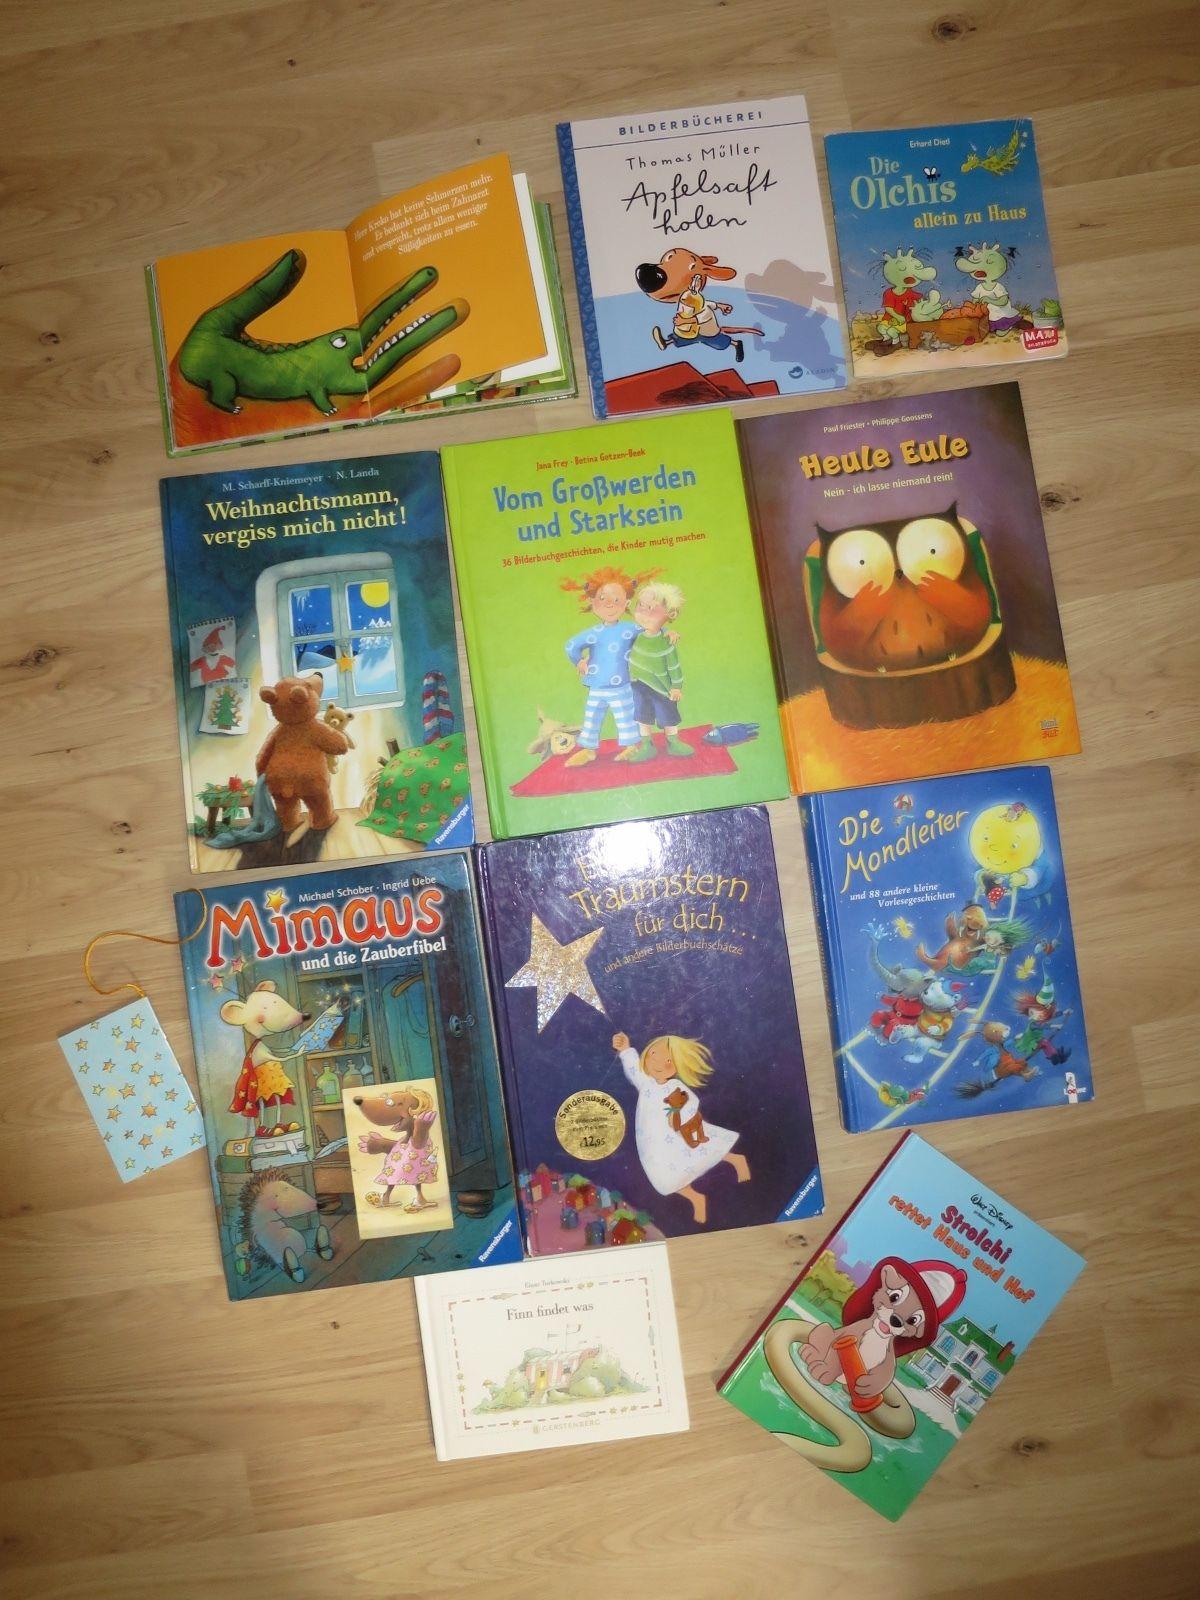 JAKO-O,Ravensburger Buchpaket für Kinder 11 Stck.Weihnachten,Loewe,Olchis